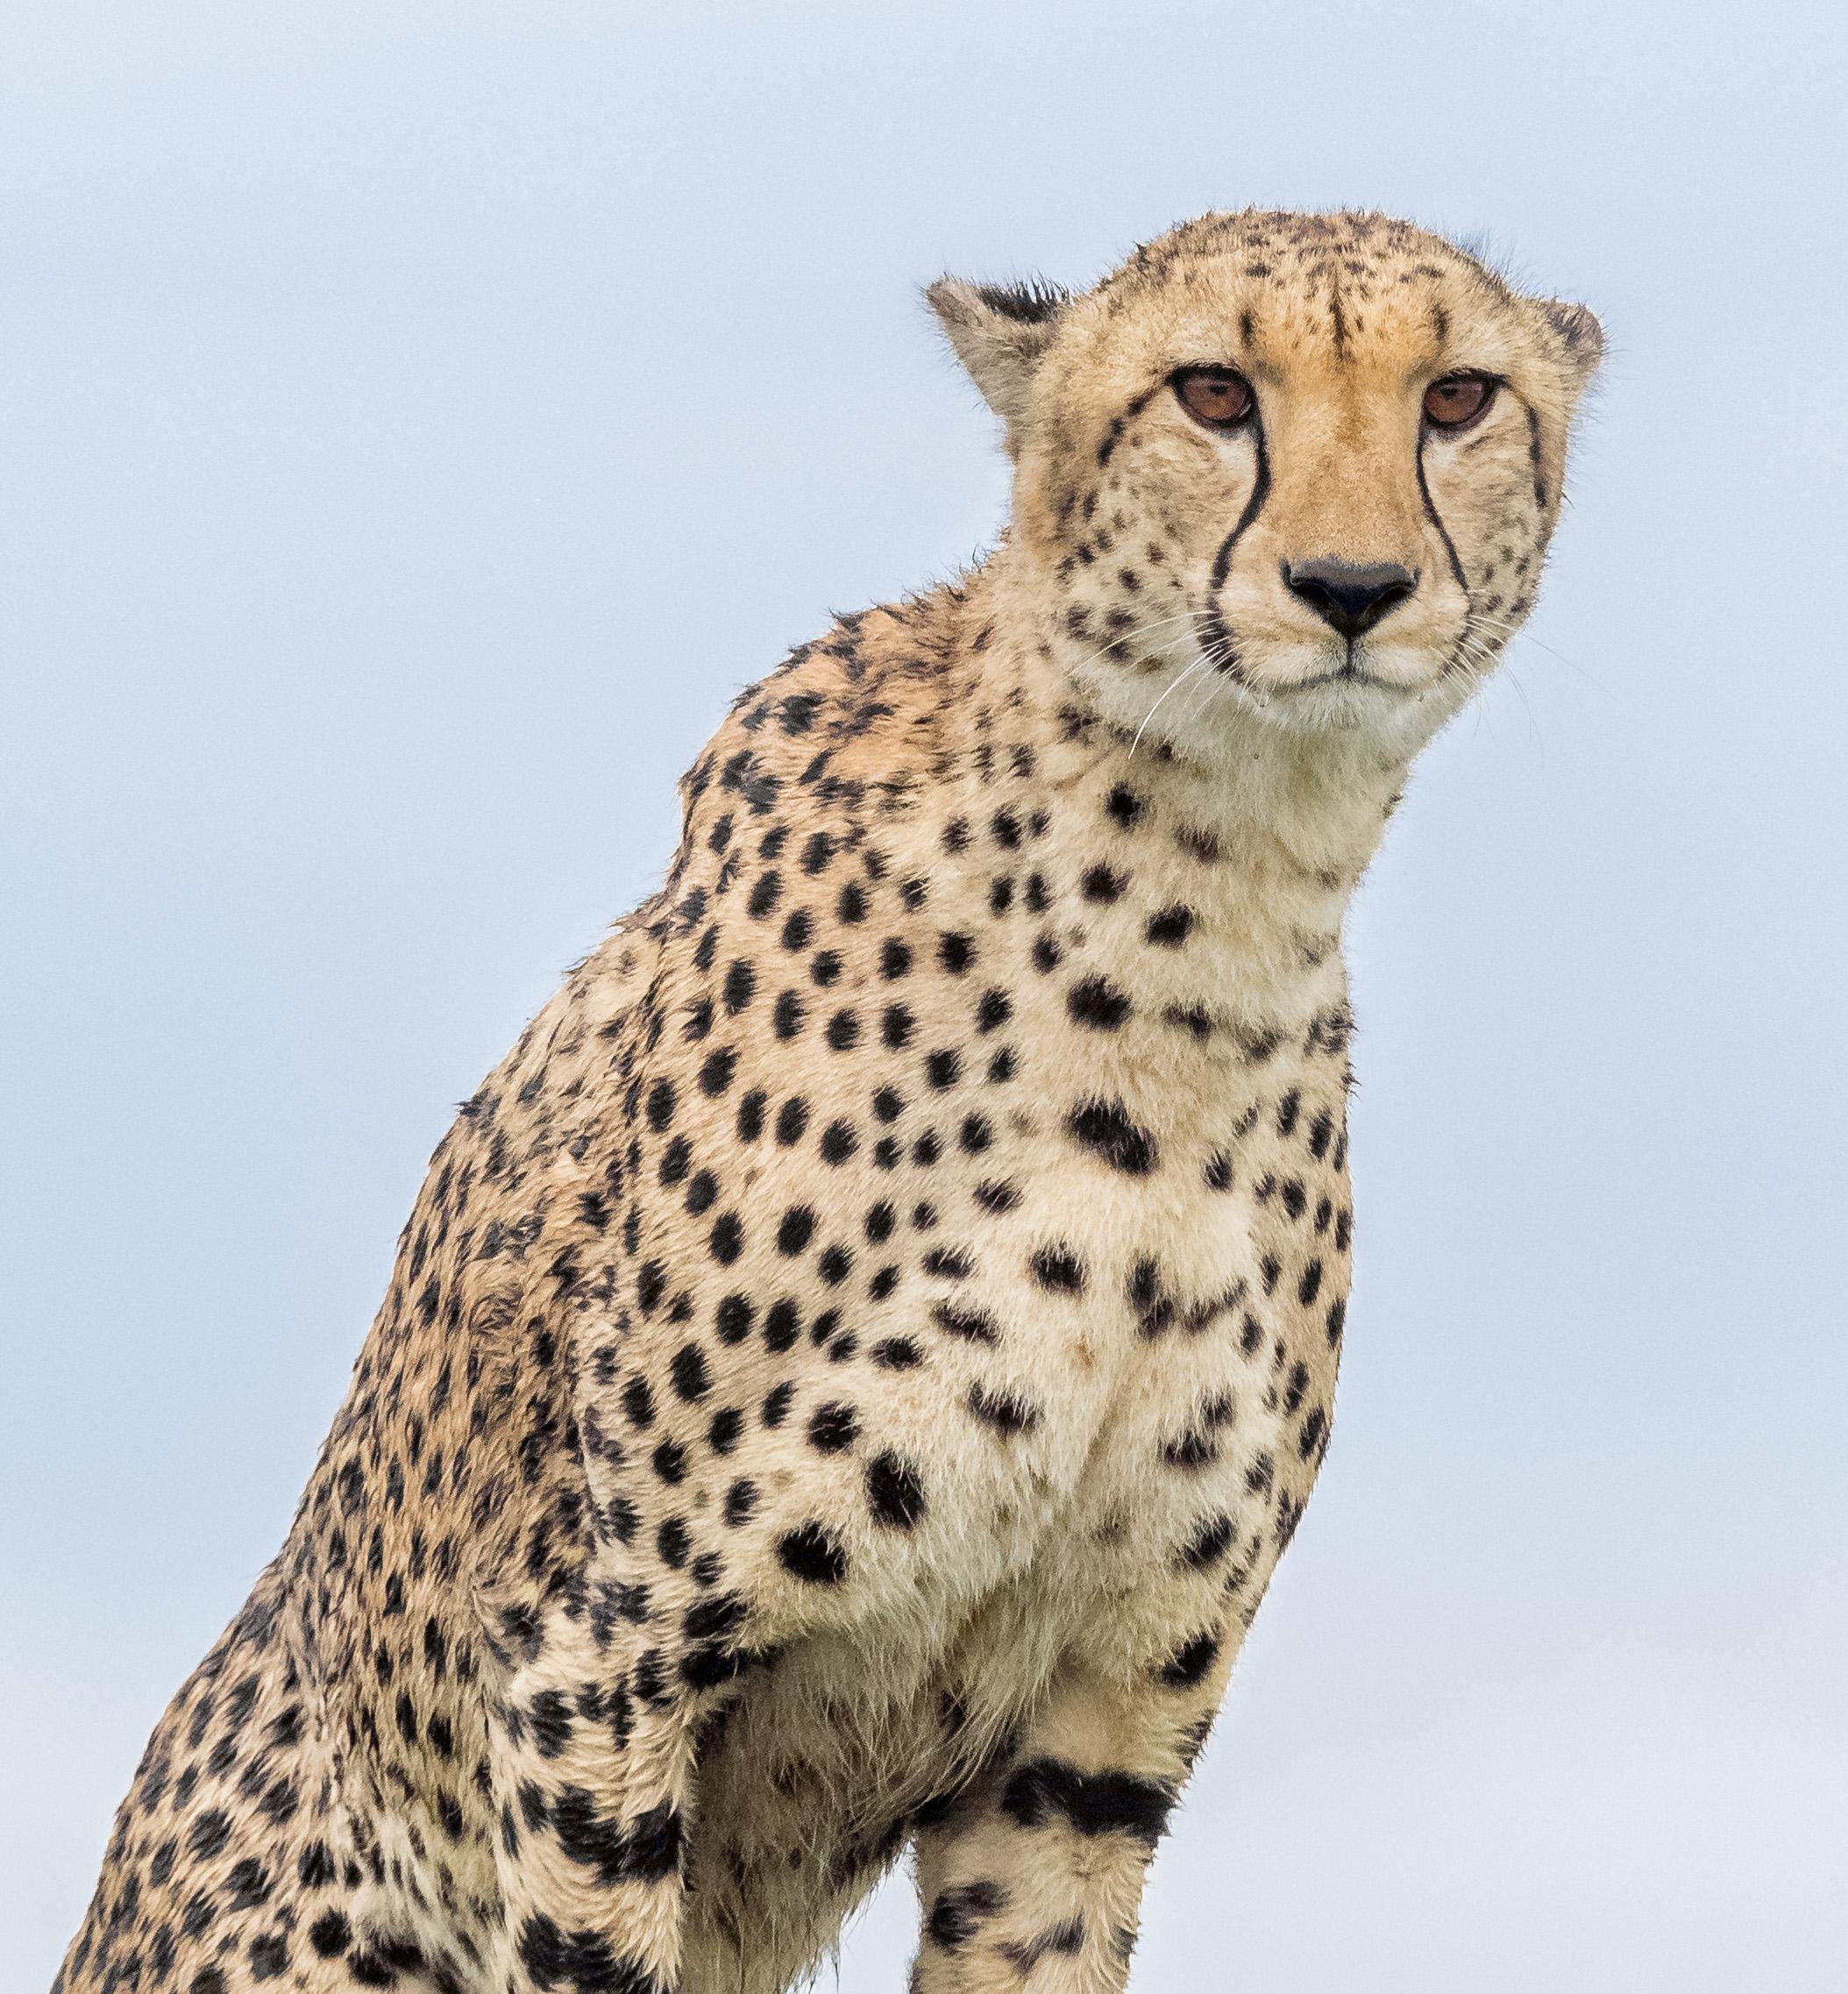 Cheetah in the rain staring back at us.